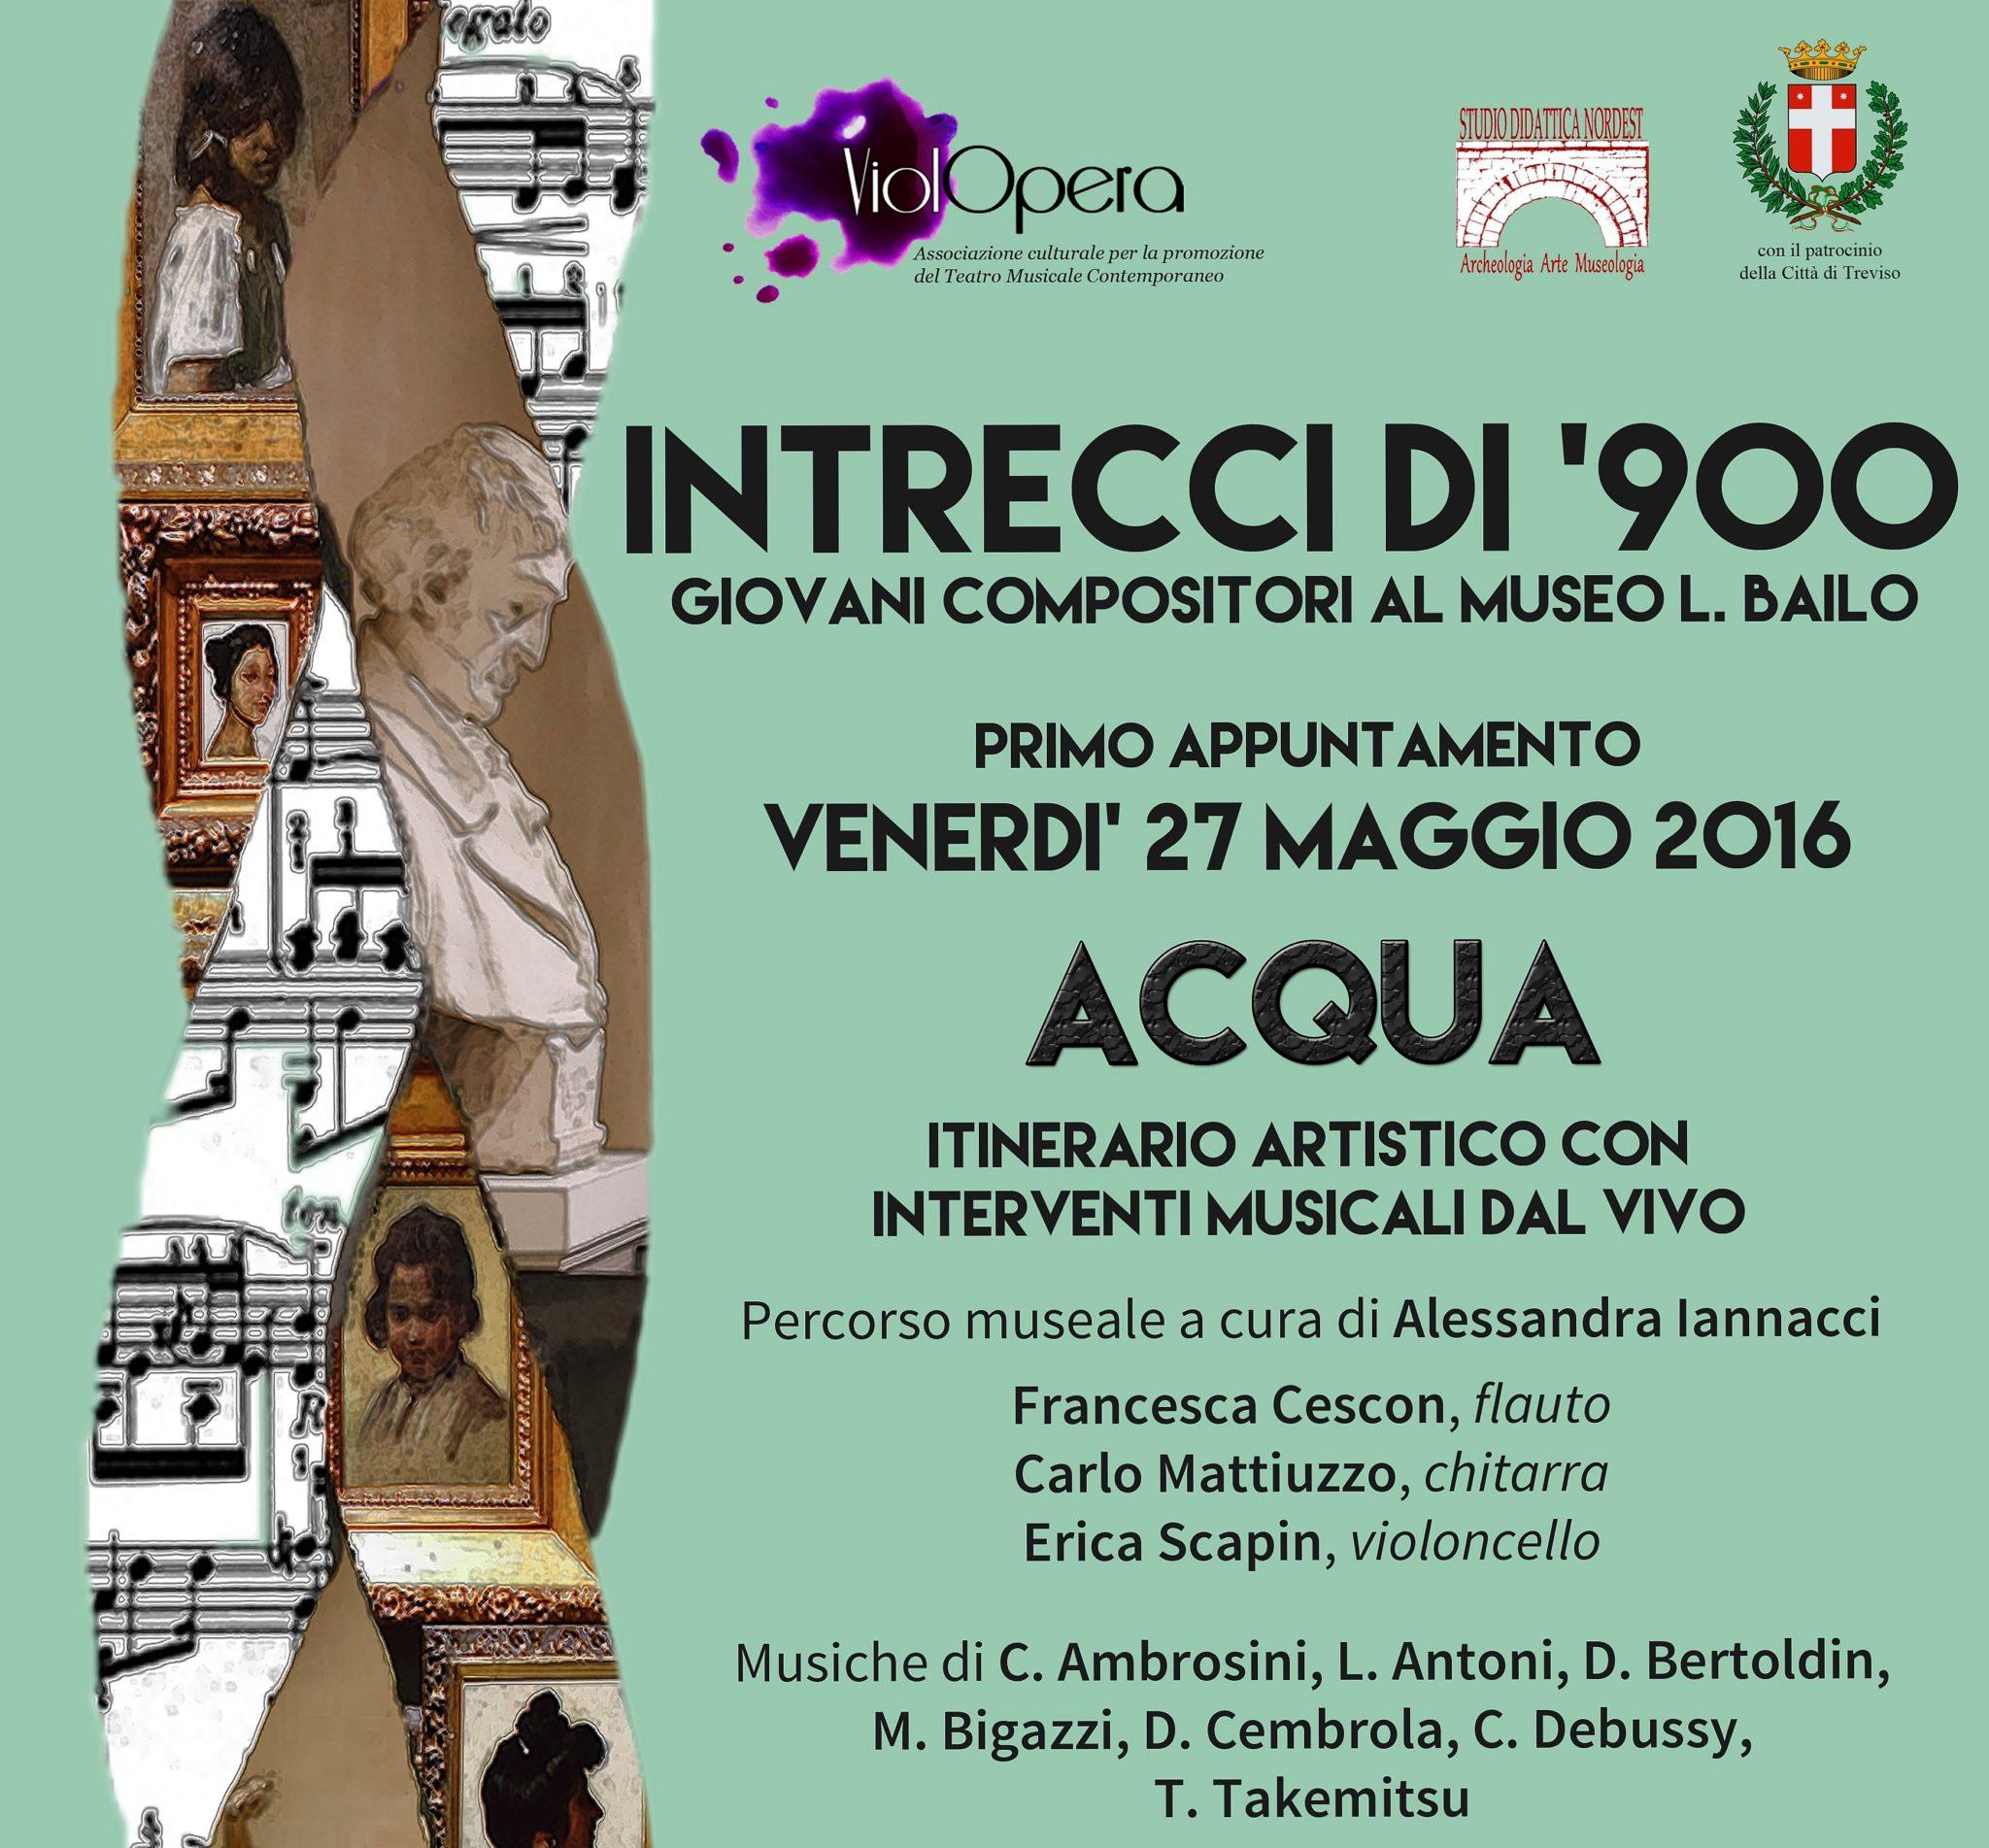 Intrecci di arte e musica al Museo Bailo di Treviso